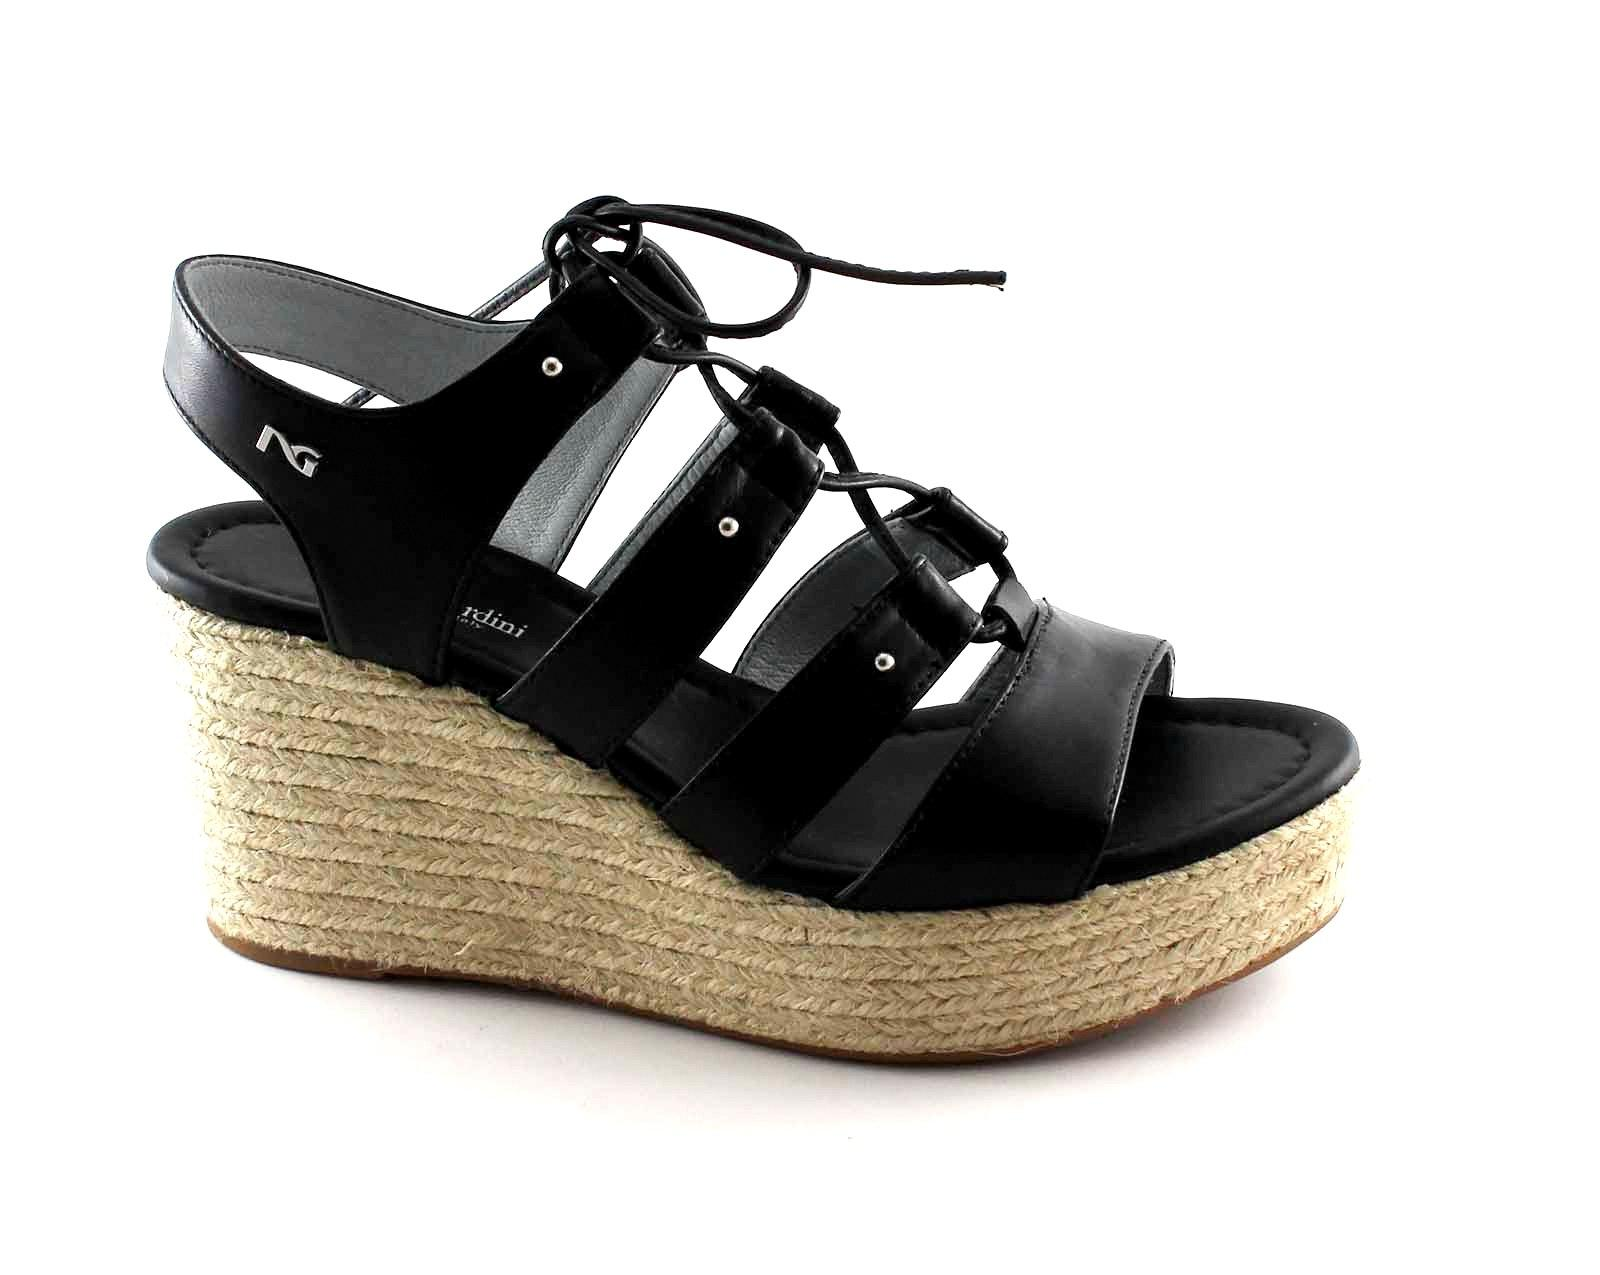 NERO-GIARDINI-17680-nero-scarpe-donna-sandali-pelle-zeppa-corda-lacci